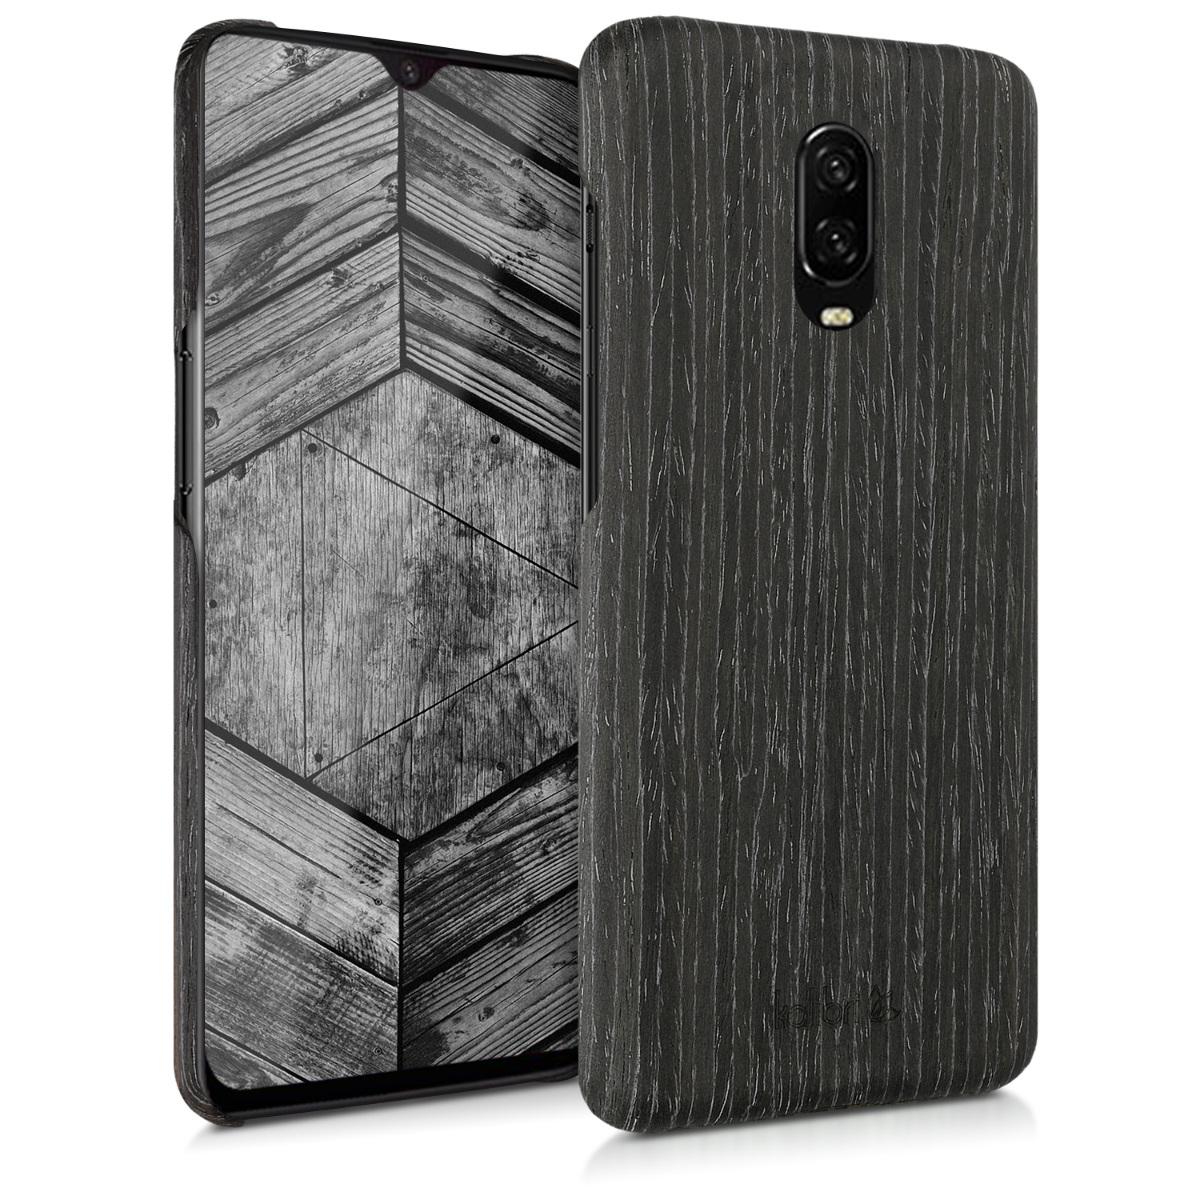 Kalibri Ξύλινη Θήκη OnePlus 6T - Ανθρακί  (46317.73)